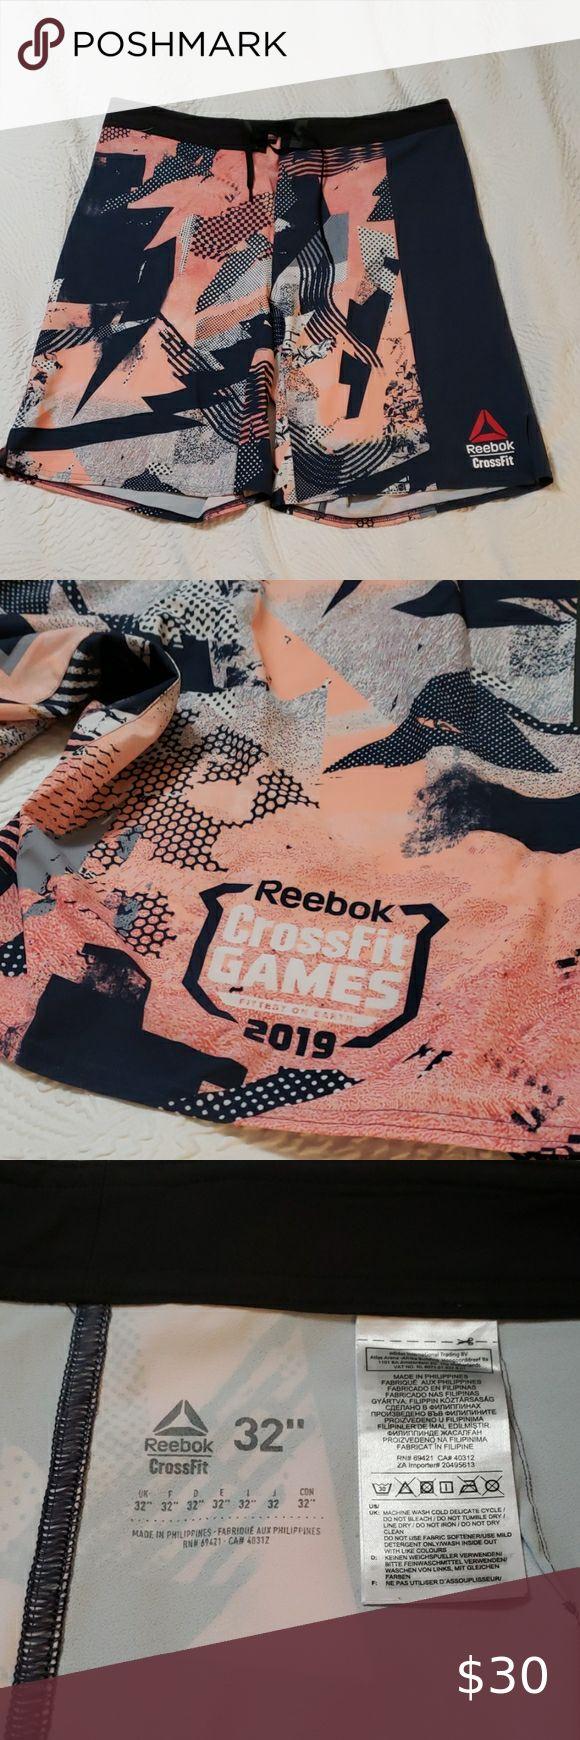 Reebok Crossfit Games shorts in 2020 Reebok crossfit